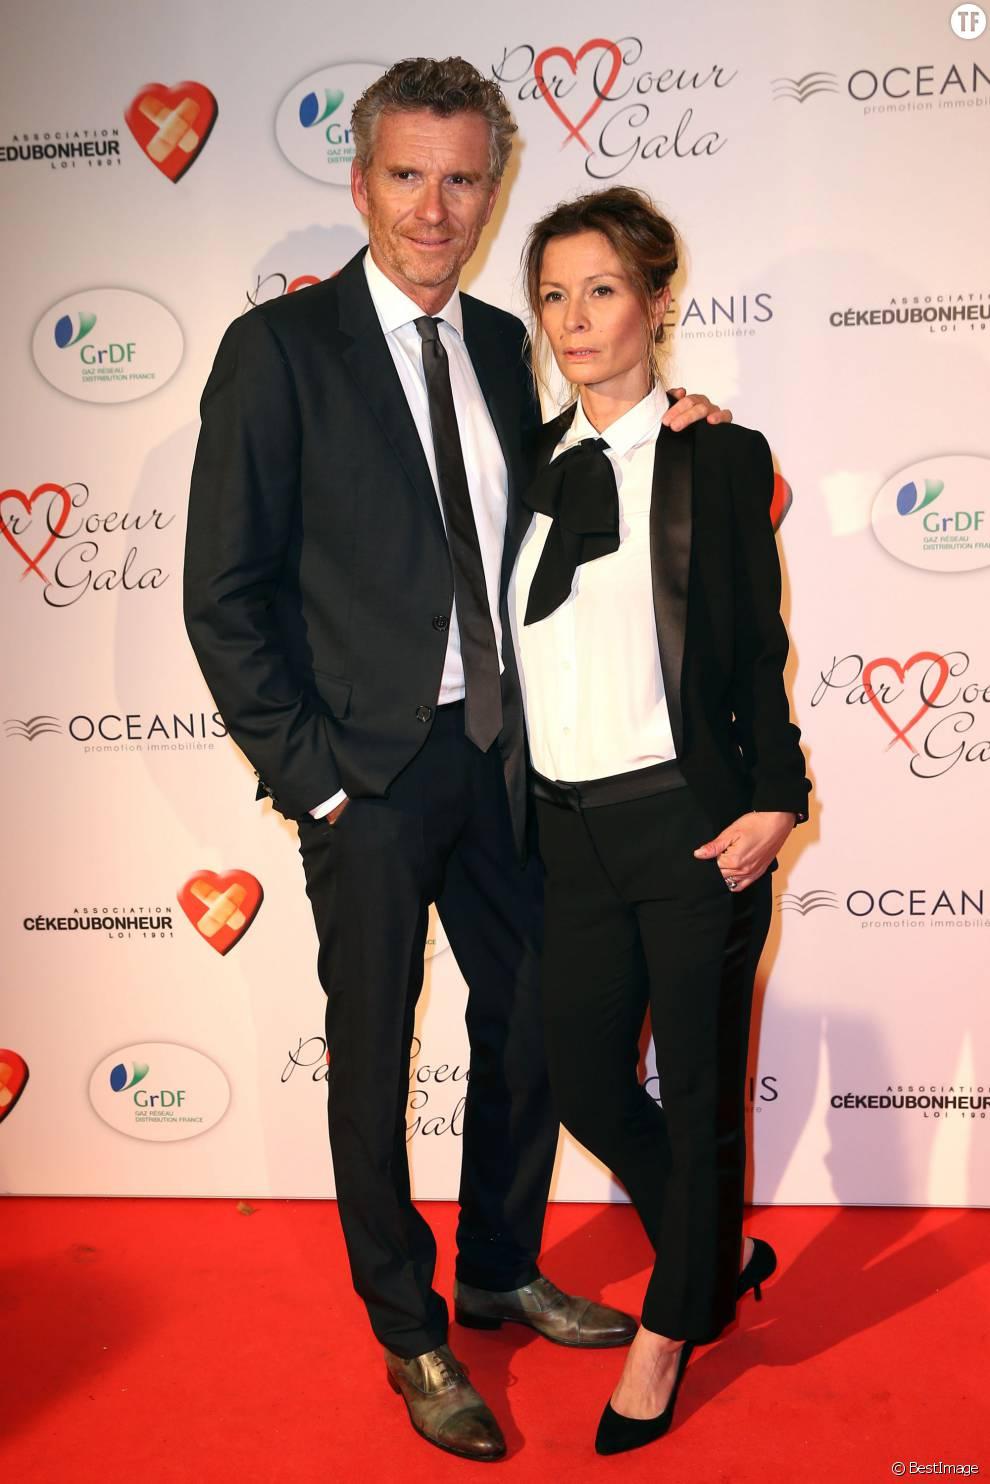 """Denis Brogniart et sa femme Hortense - Personnalités au gala """"Par Coeur"""" pour les 10 ans de l'association """"Cekedubonheur"""" au pavillon d'Armenonville à Paris. Le 24 septembre 2015"""